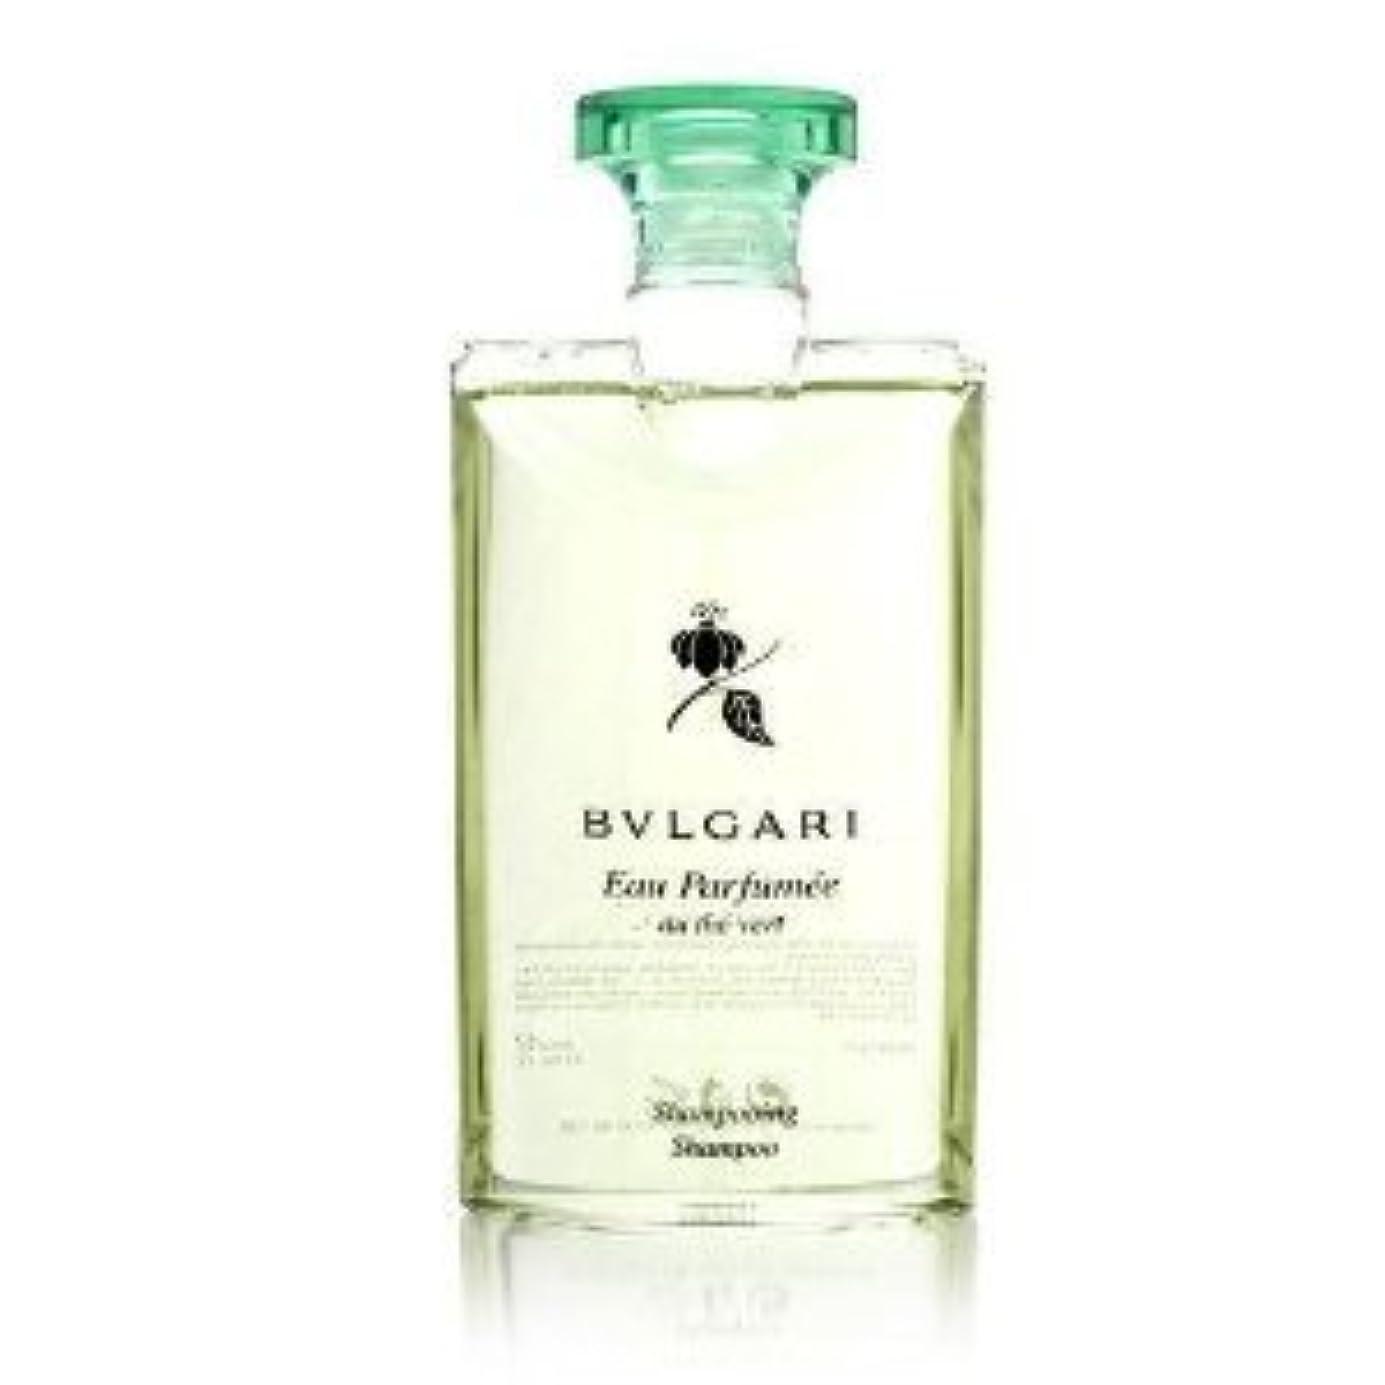 咲く適切な休憩Bvlgari Eau Parfumee au the vert (ブルガリ オー パフュ-メ オウ ザ バート / グリーン ティー) 2.5 oz (75ml) シャンプー